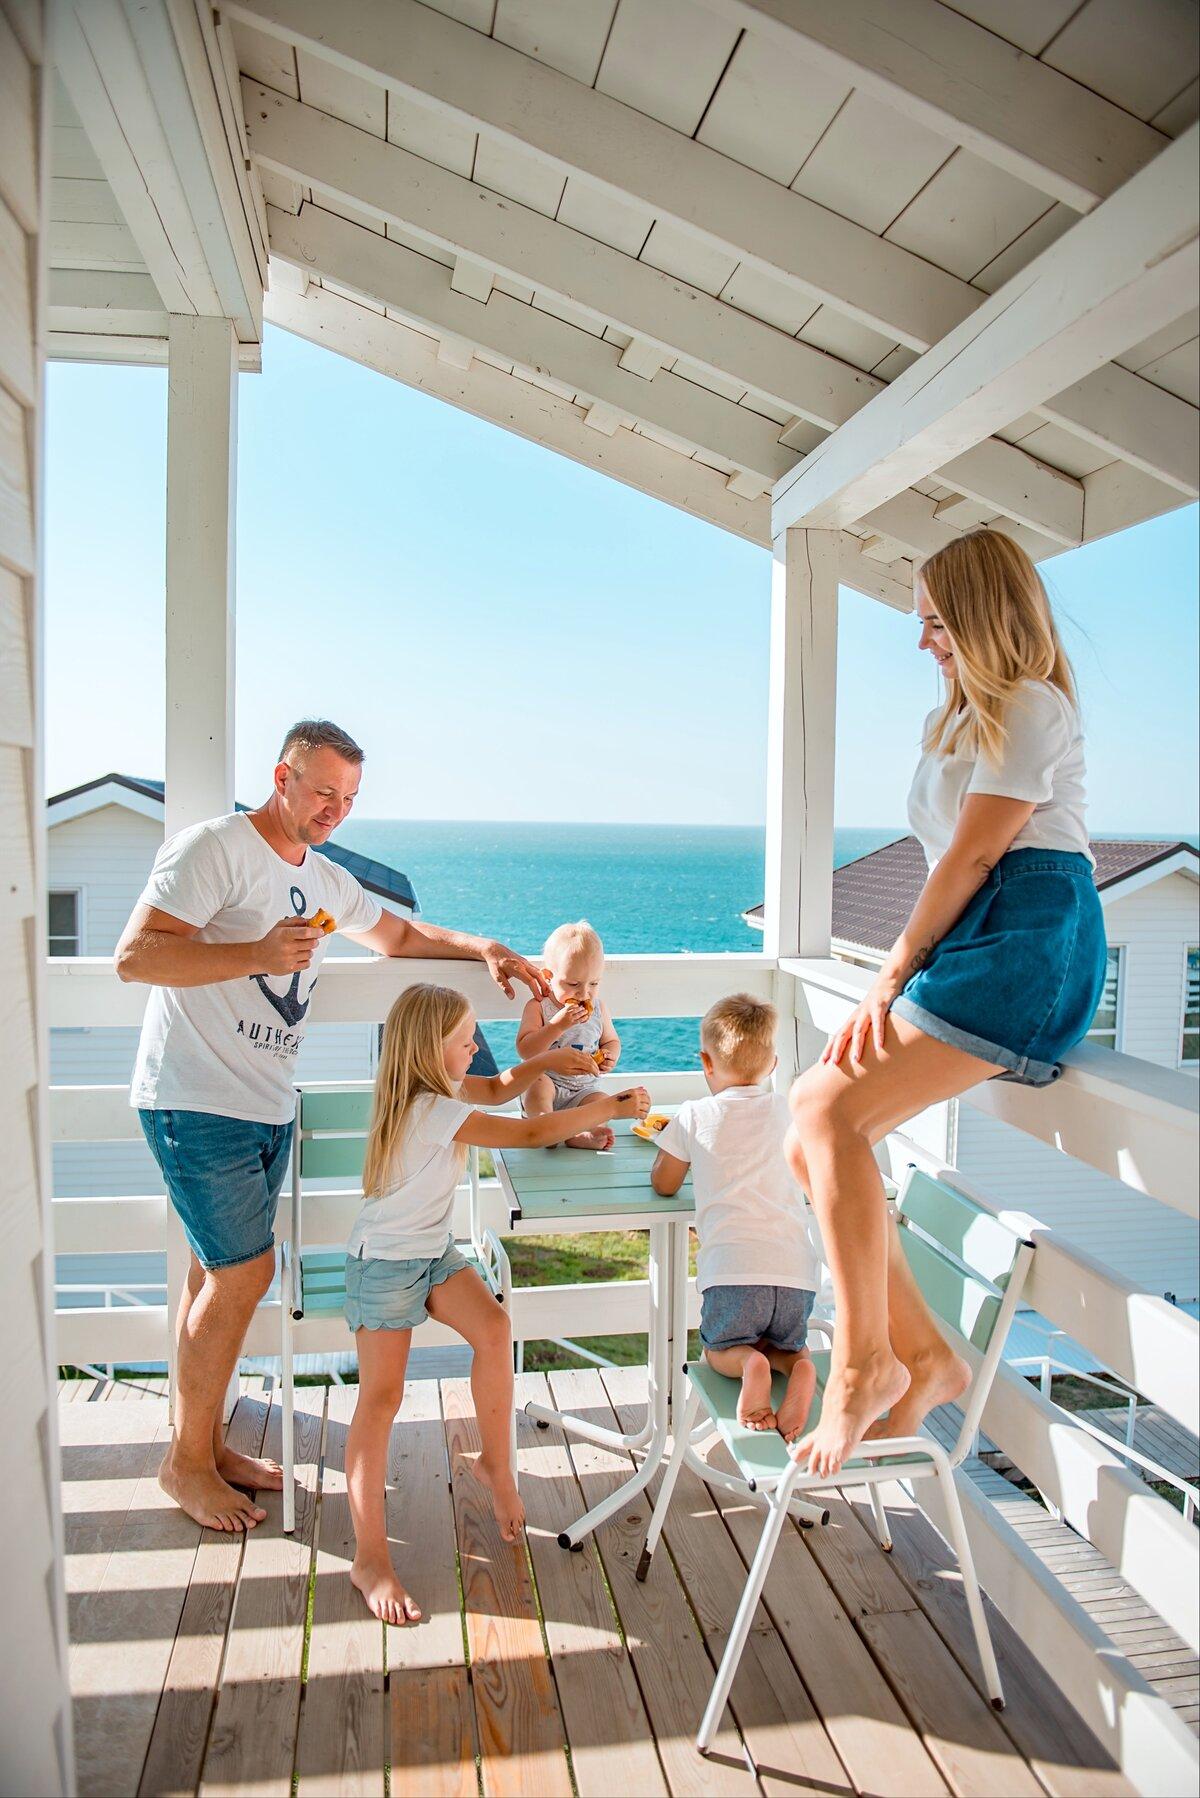 резидентами камеди картинка красивого дома у моря с семьей кабель